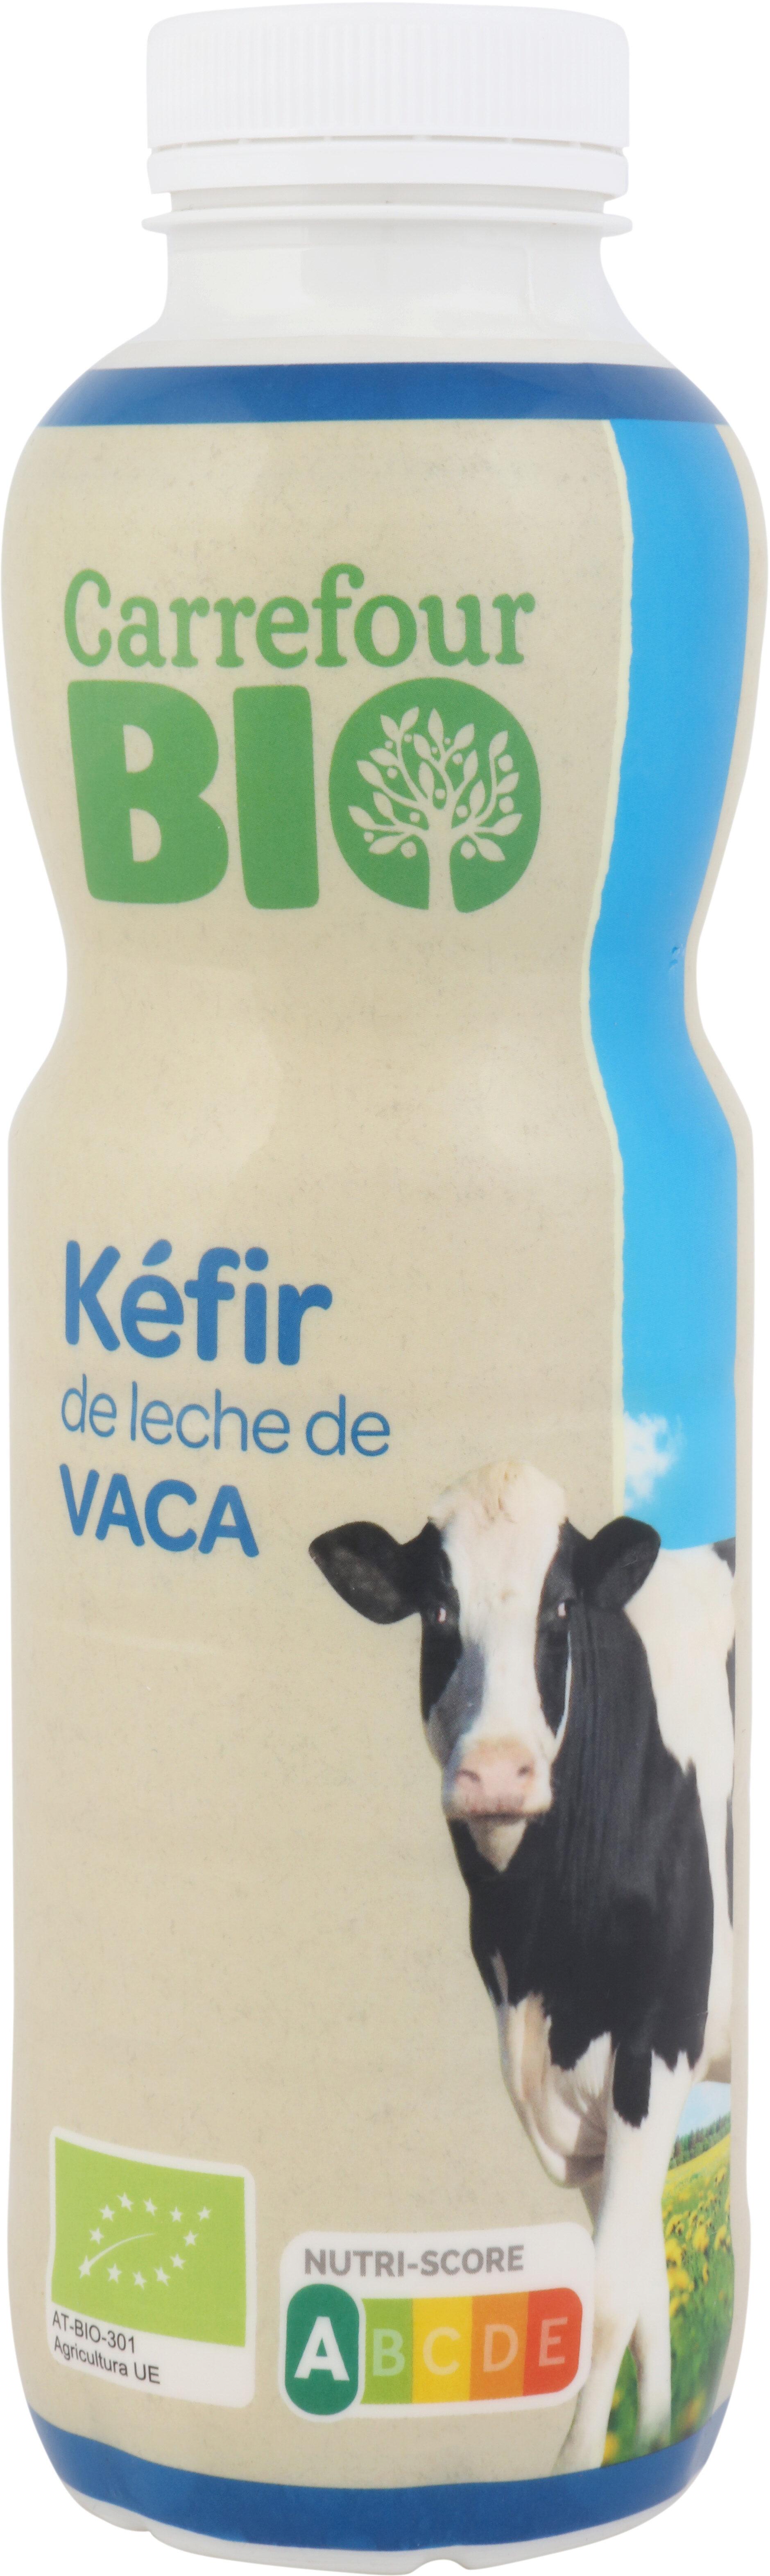 Kefir Liquido Natural - Producte - es